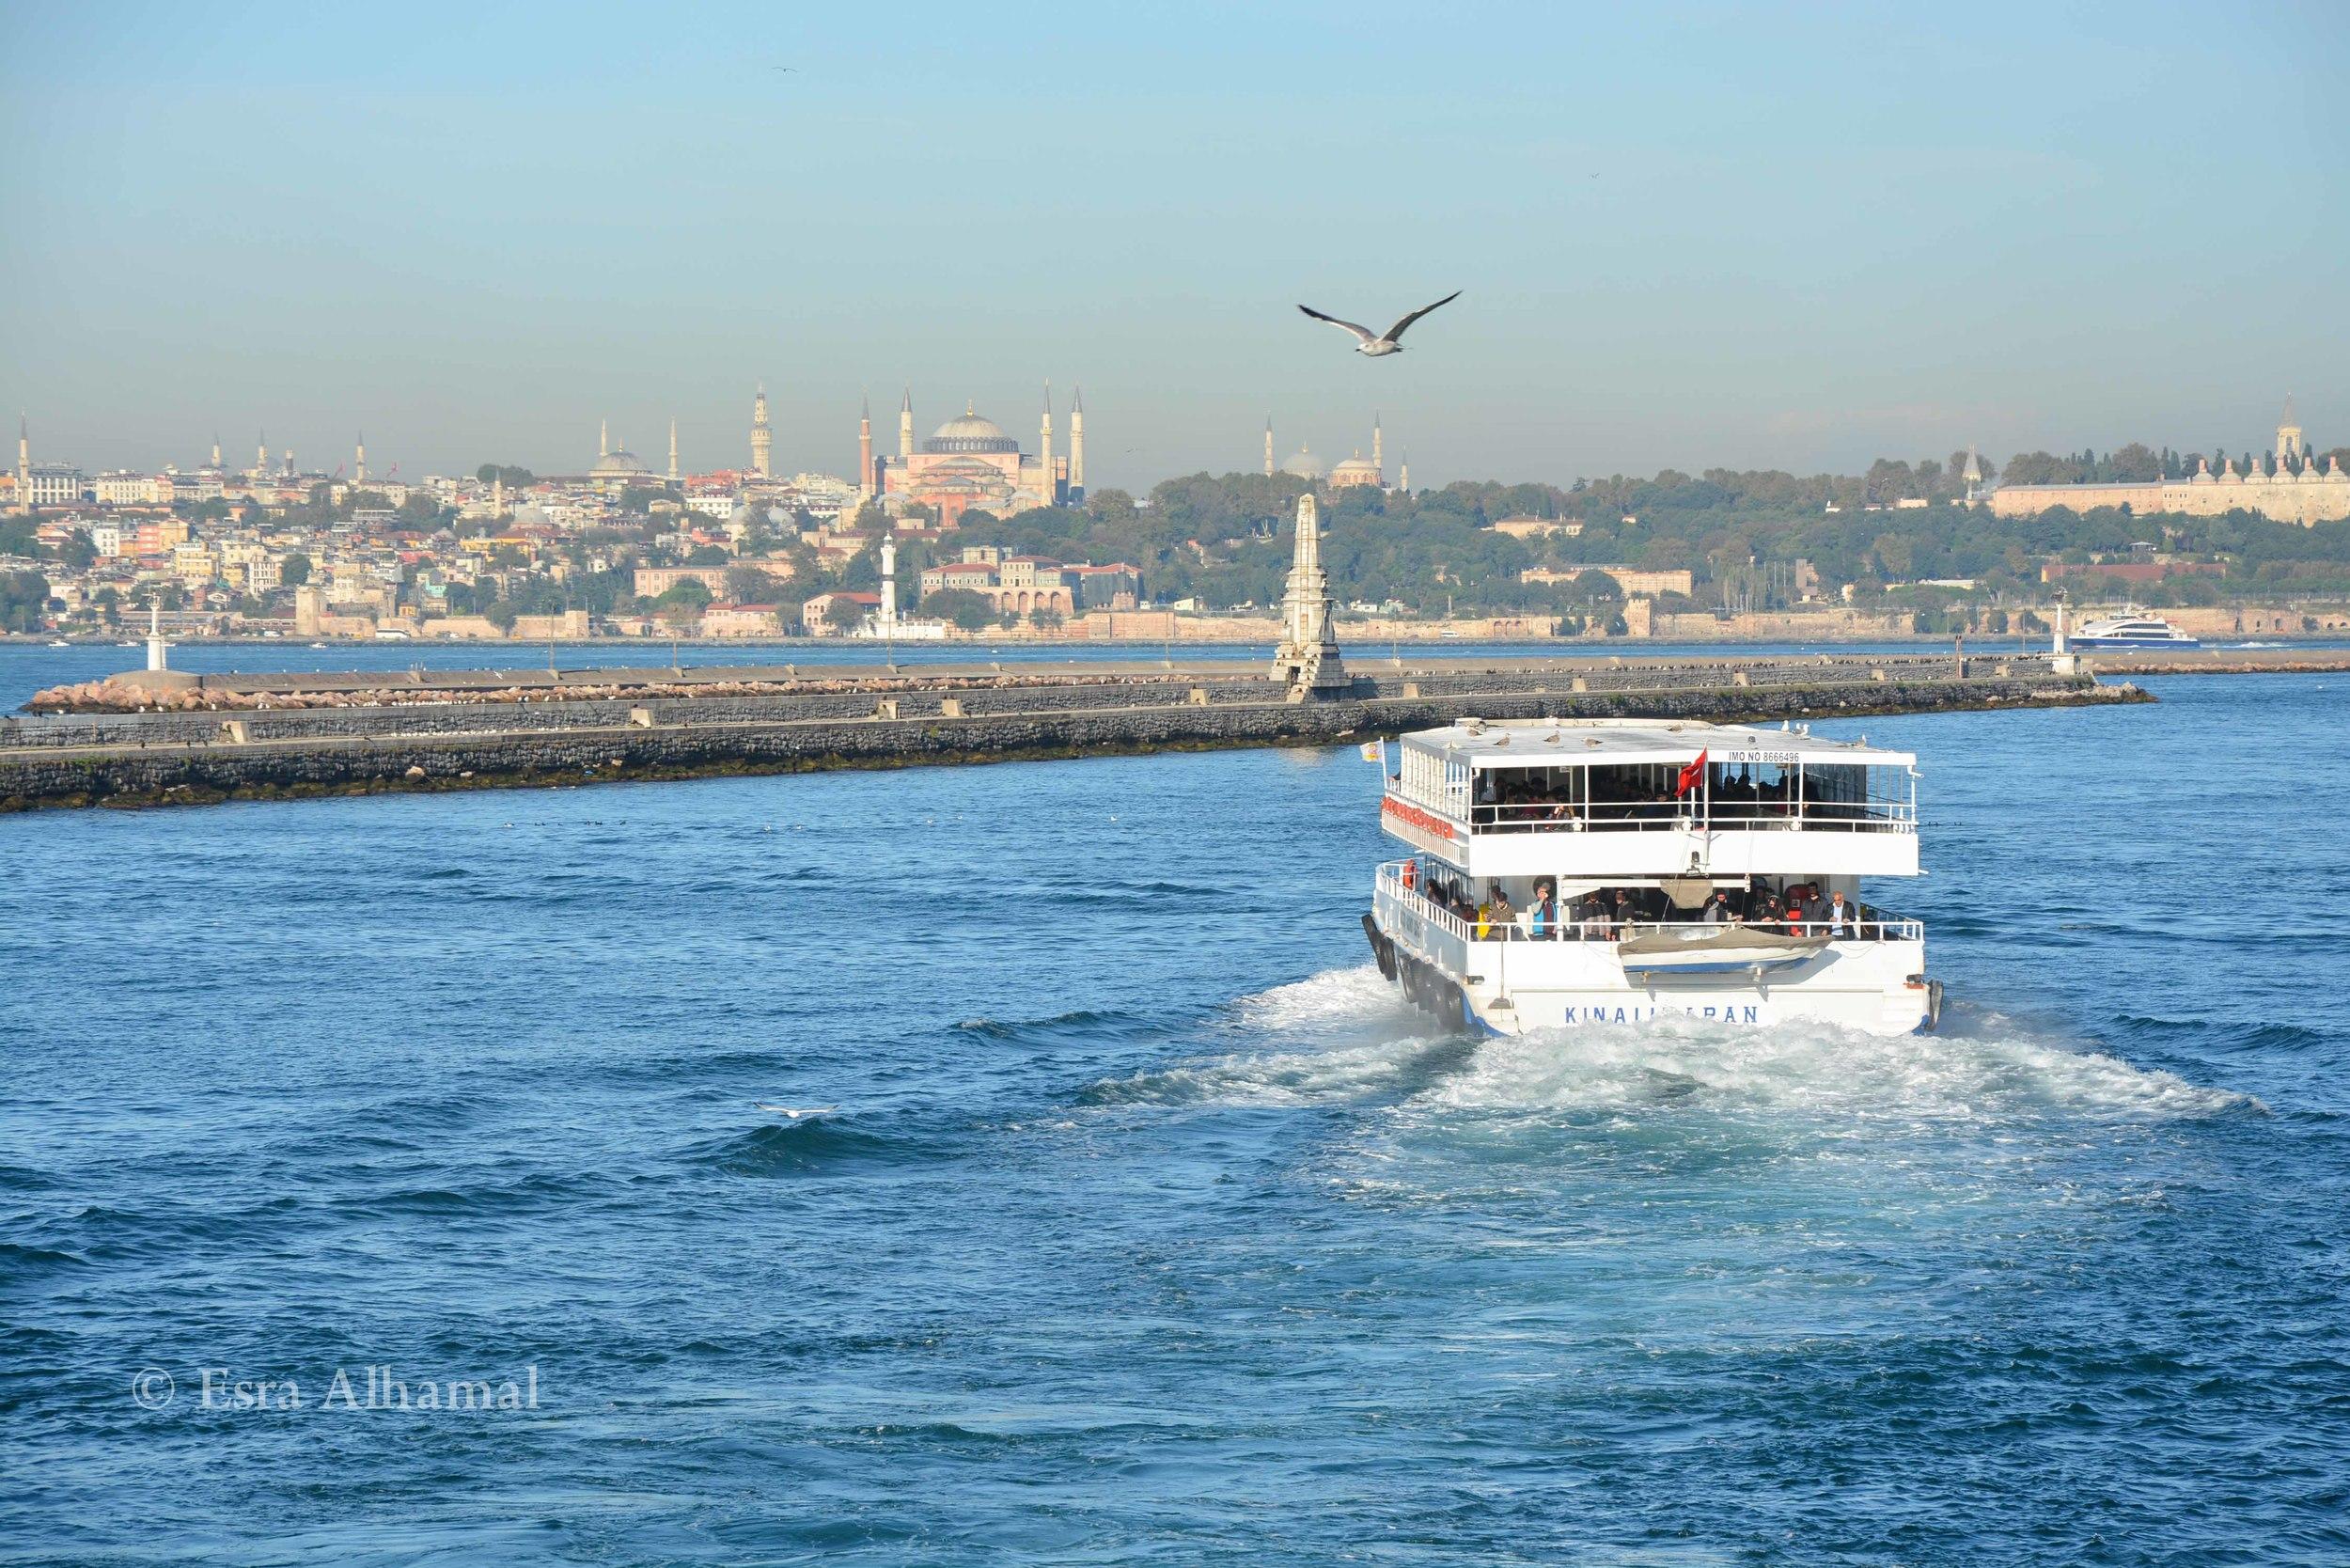 Ferry from Istanbul to Kadıköy